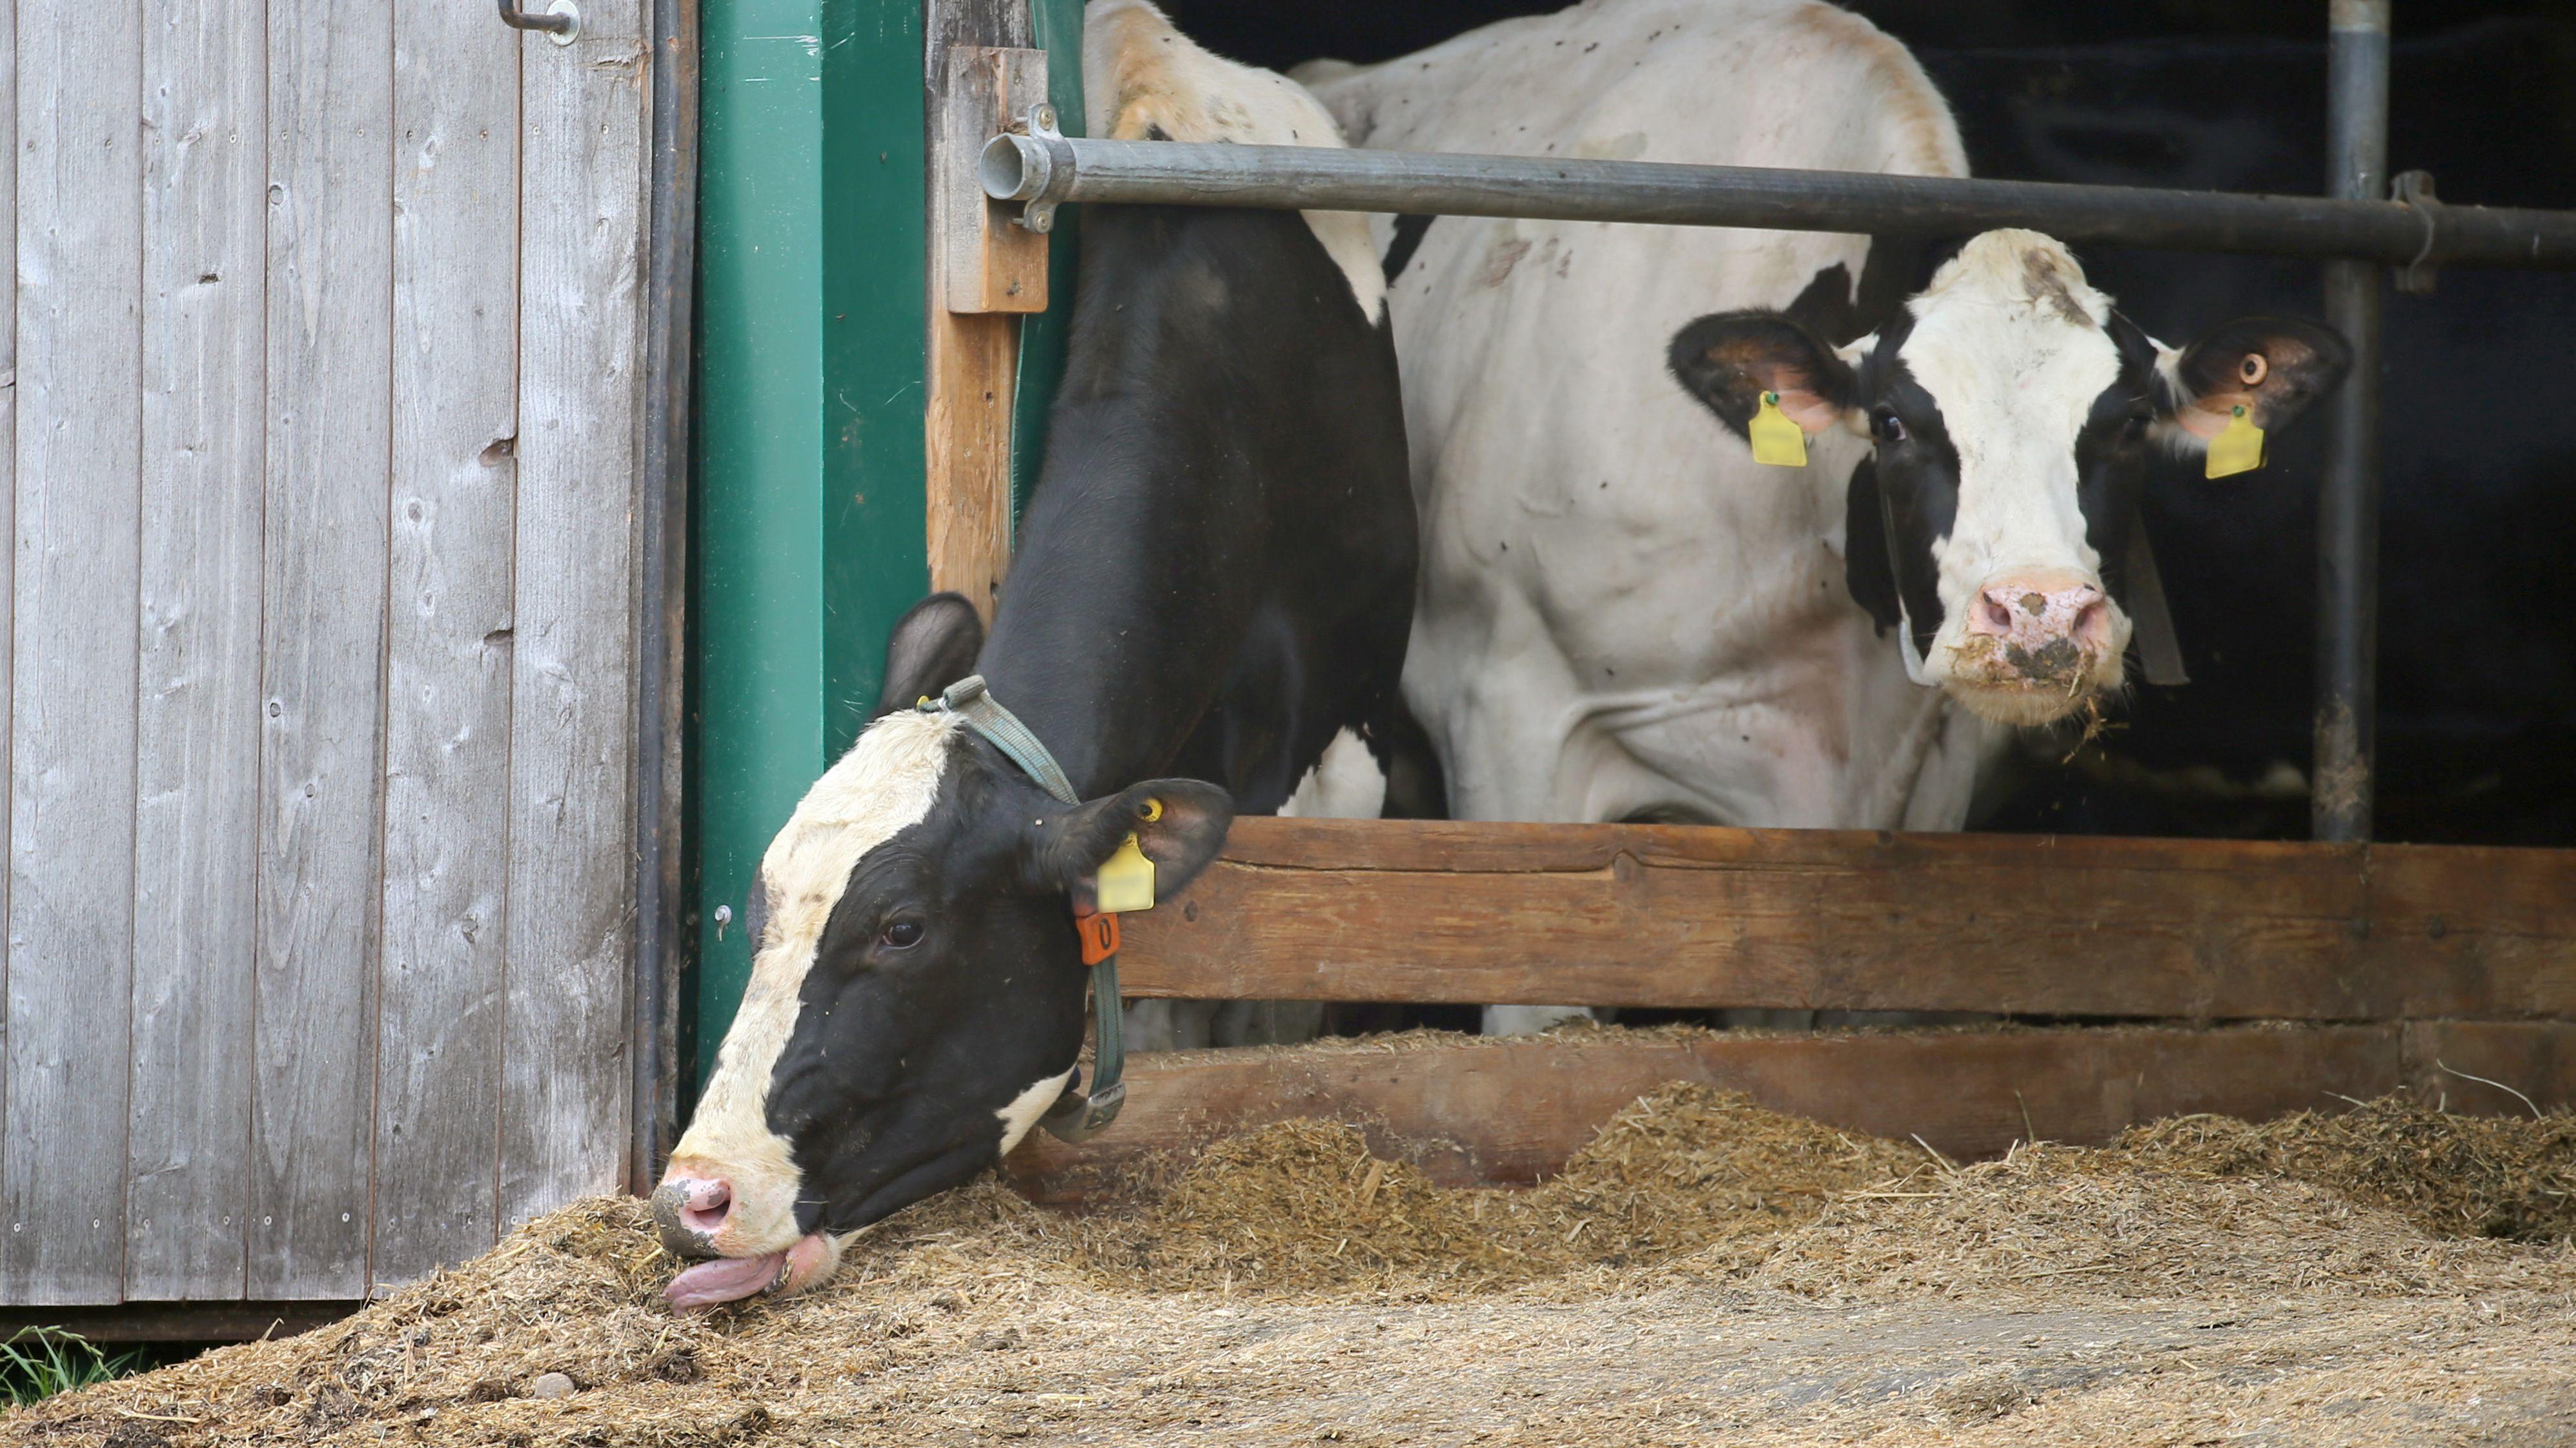 Kühe stehen in dem skandalumwitterten landwirtschaftlichen Großbetrieb in Bad Grönenbach in einem Stall.